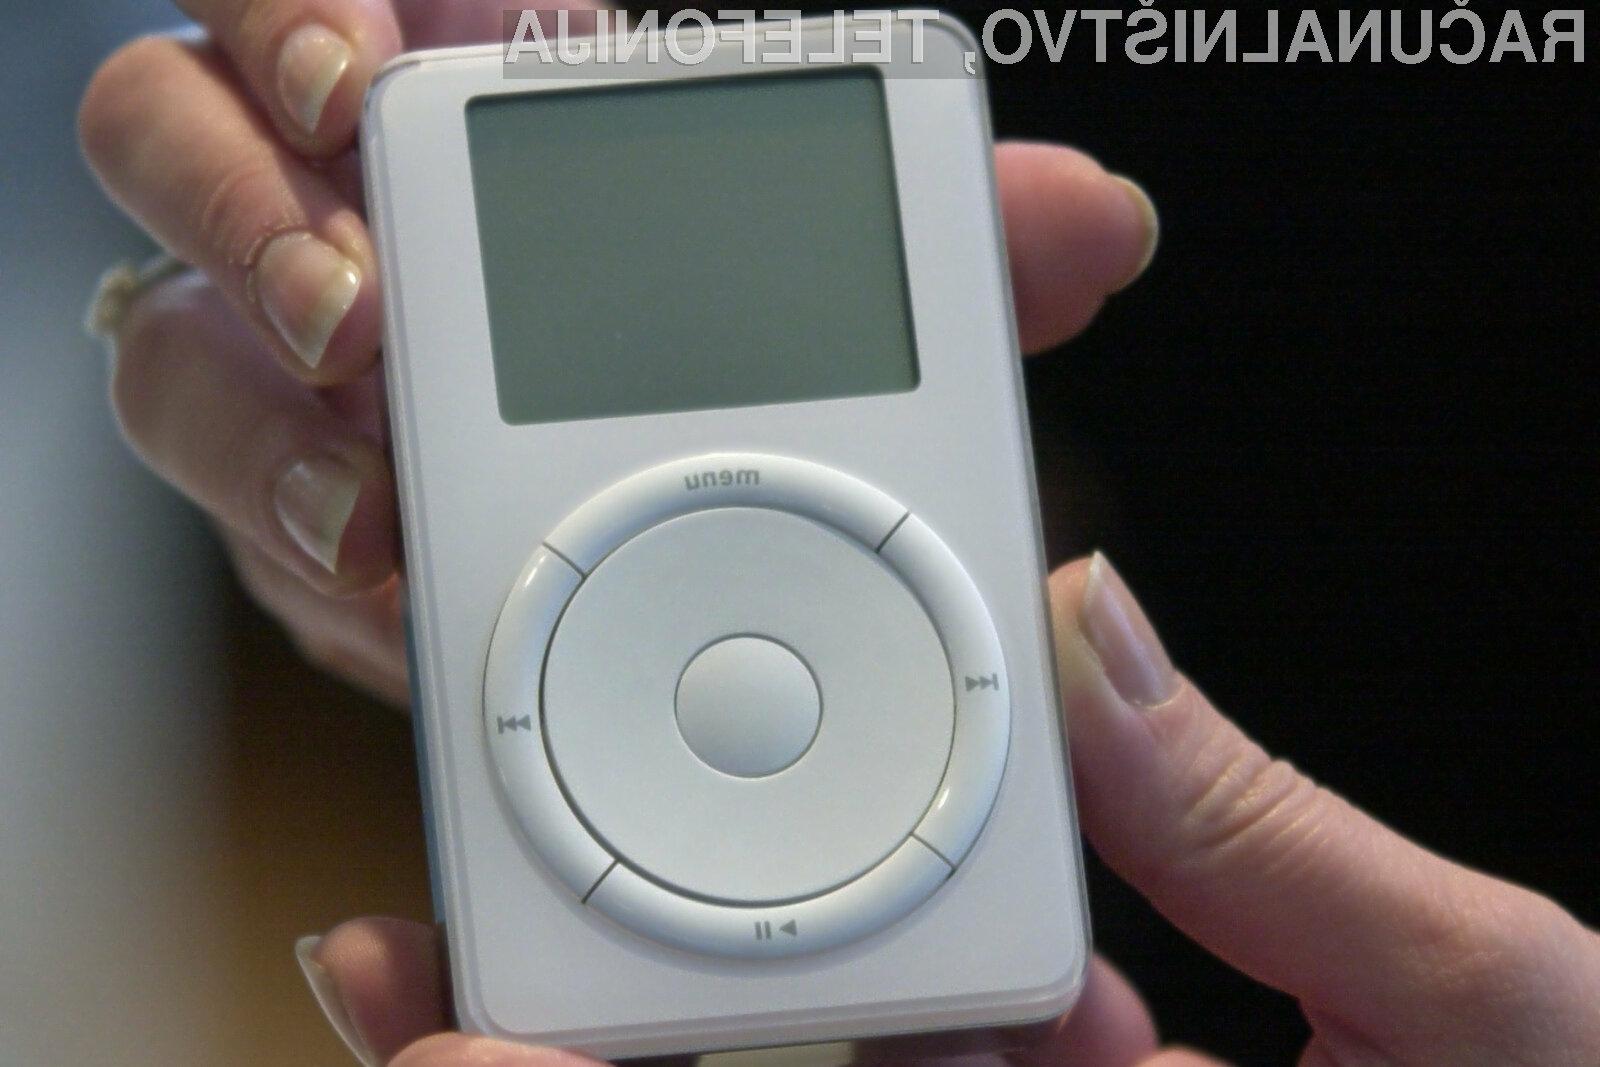 Prenosni predvajalnik Apple iPod je bil prvič predstavljen 23. oktobra 2001!